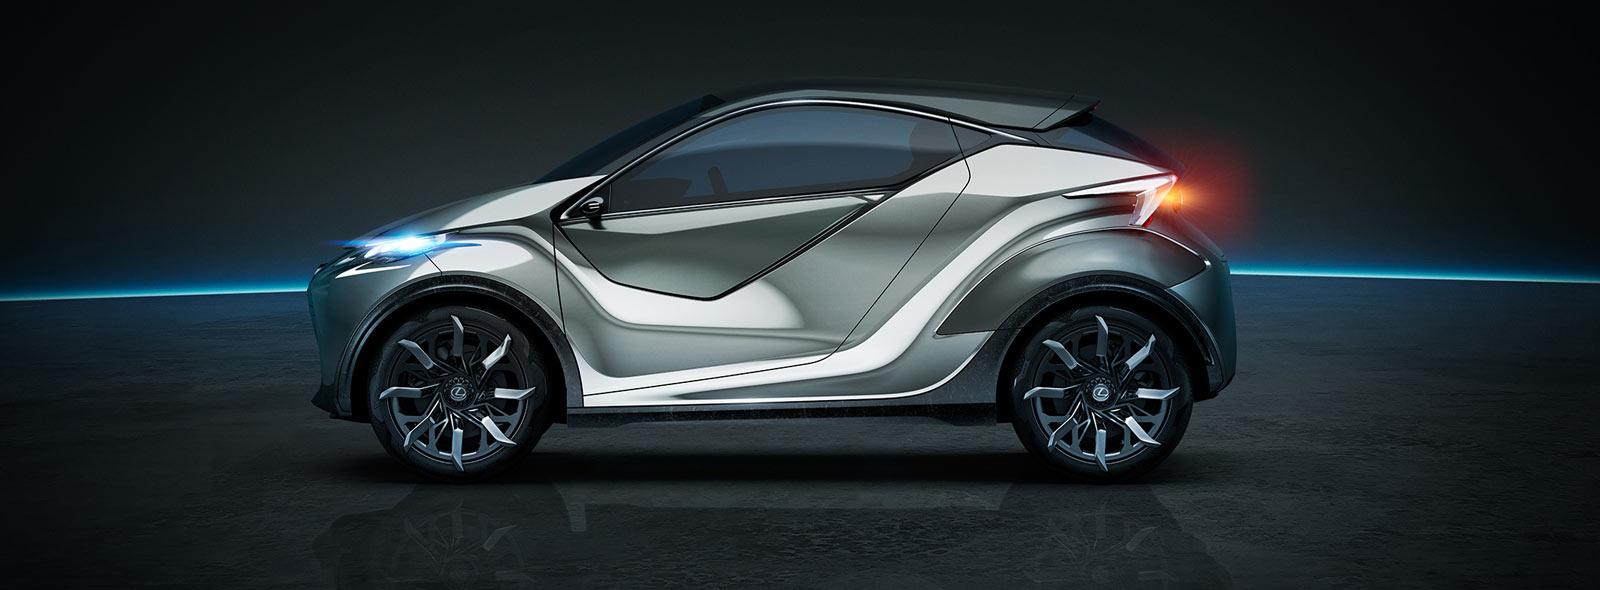 Lexus LF SA Compact Concept Car